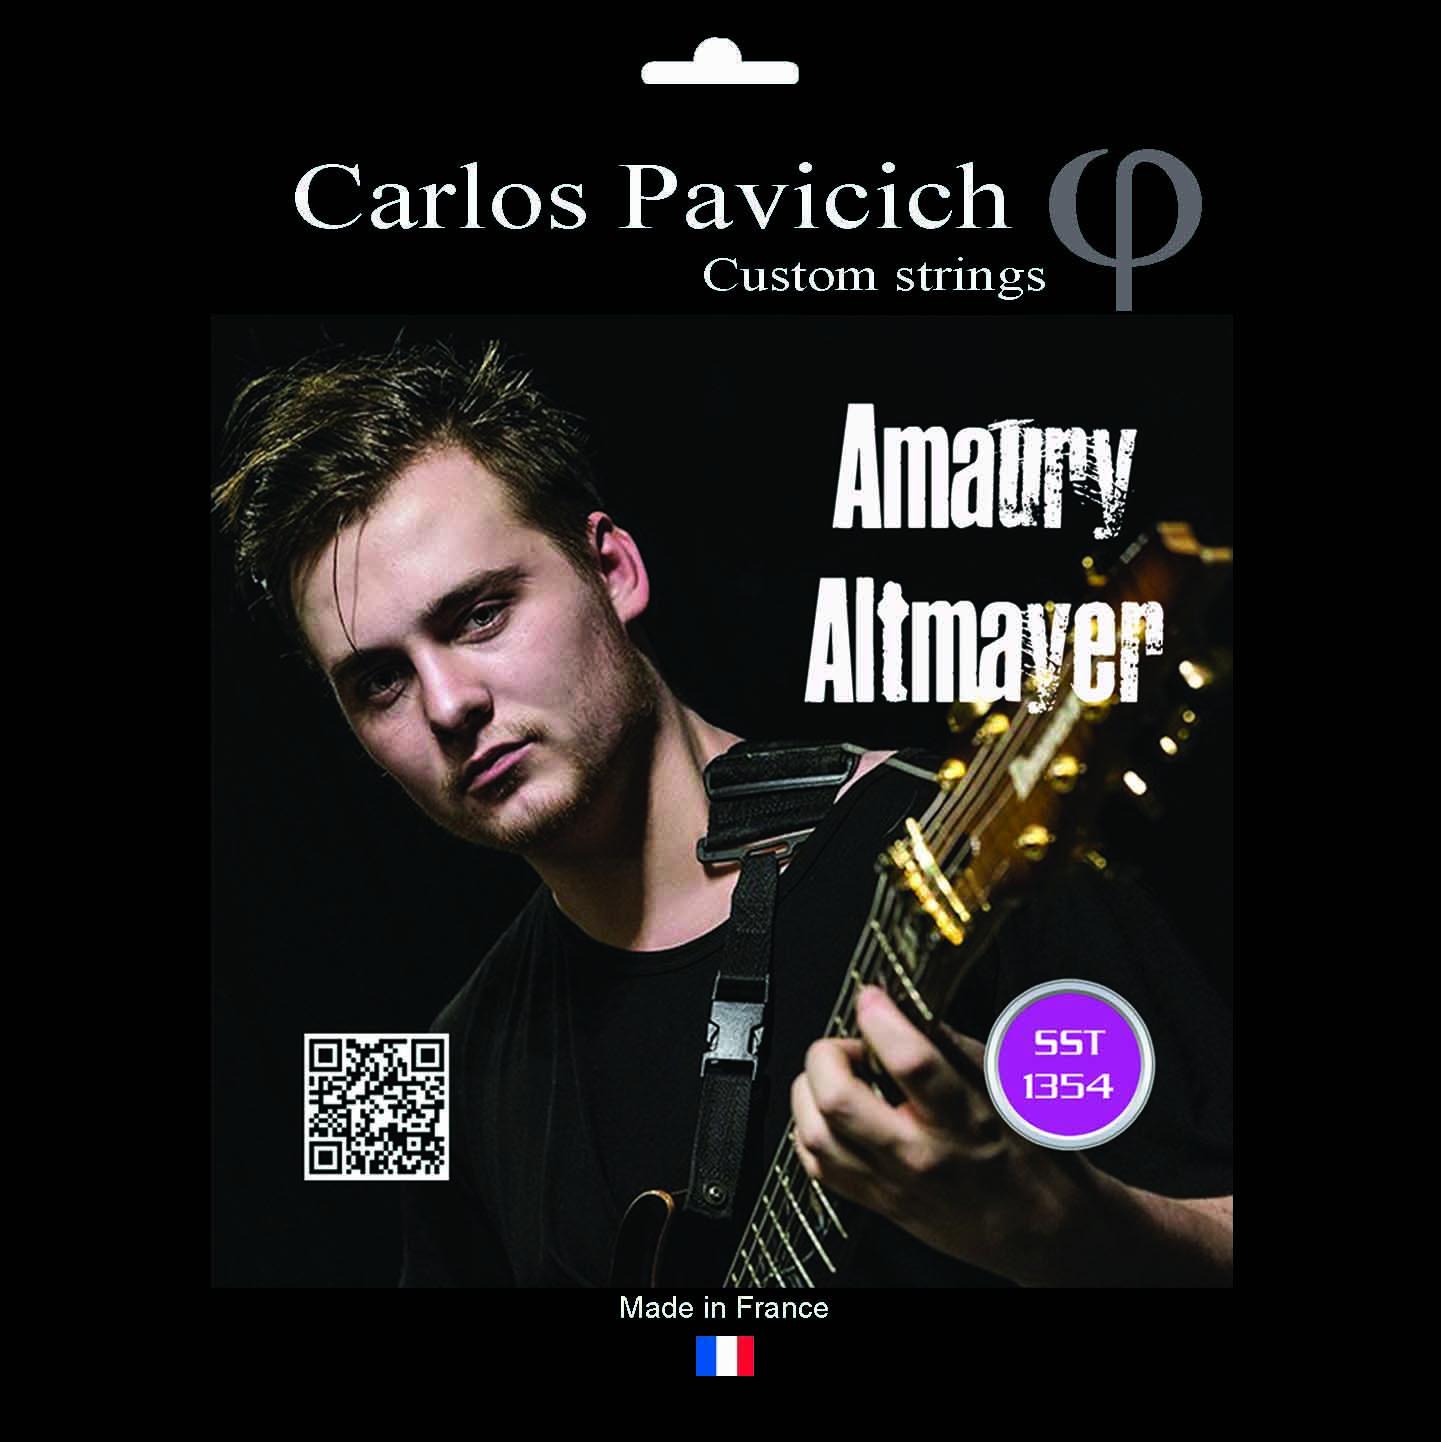 Amaury Altmayer